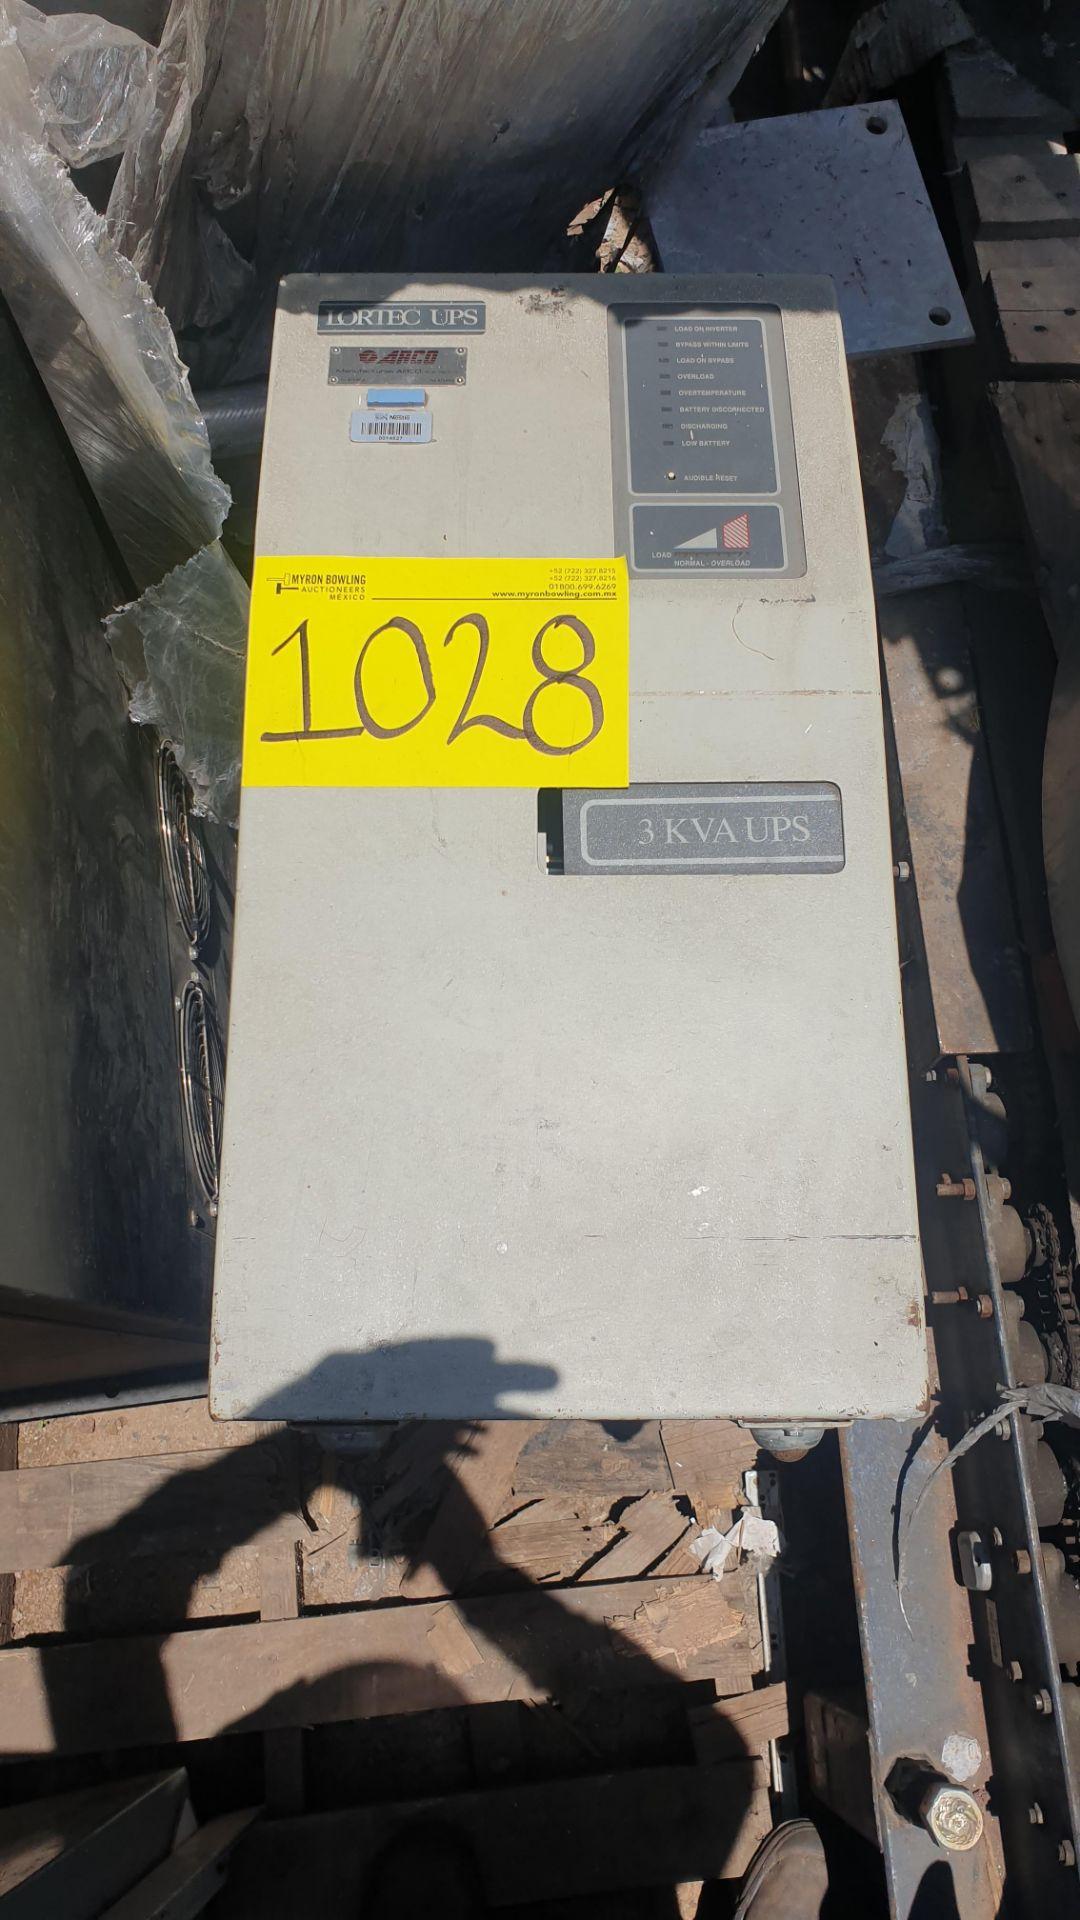 1 Ferrups Power bank system model FD10KVA 208-240V includes Lortec UPS of 3KVA